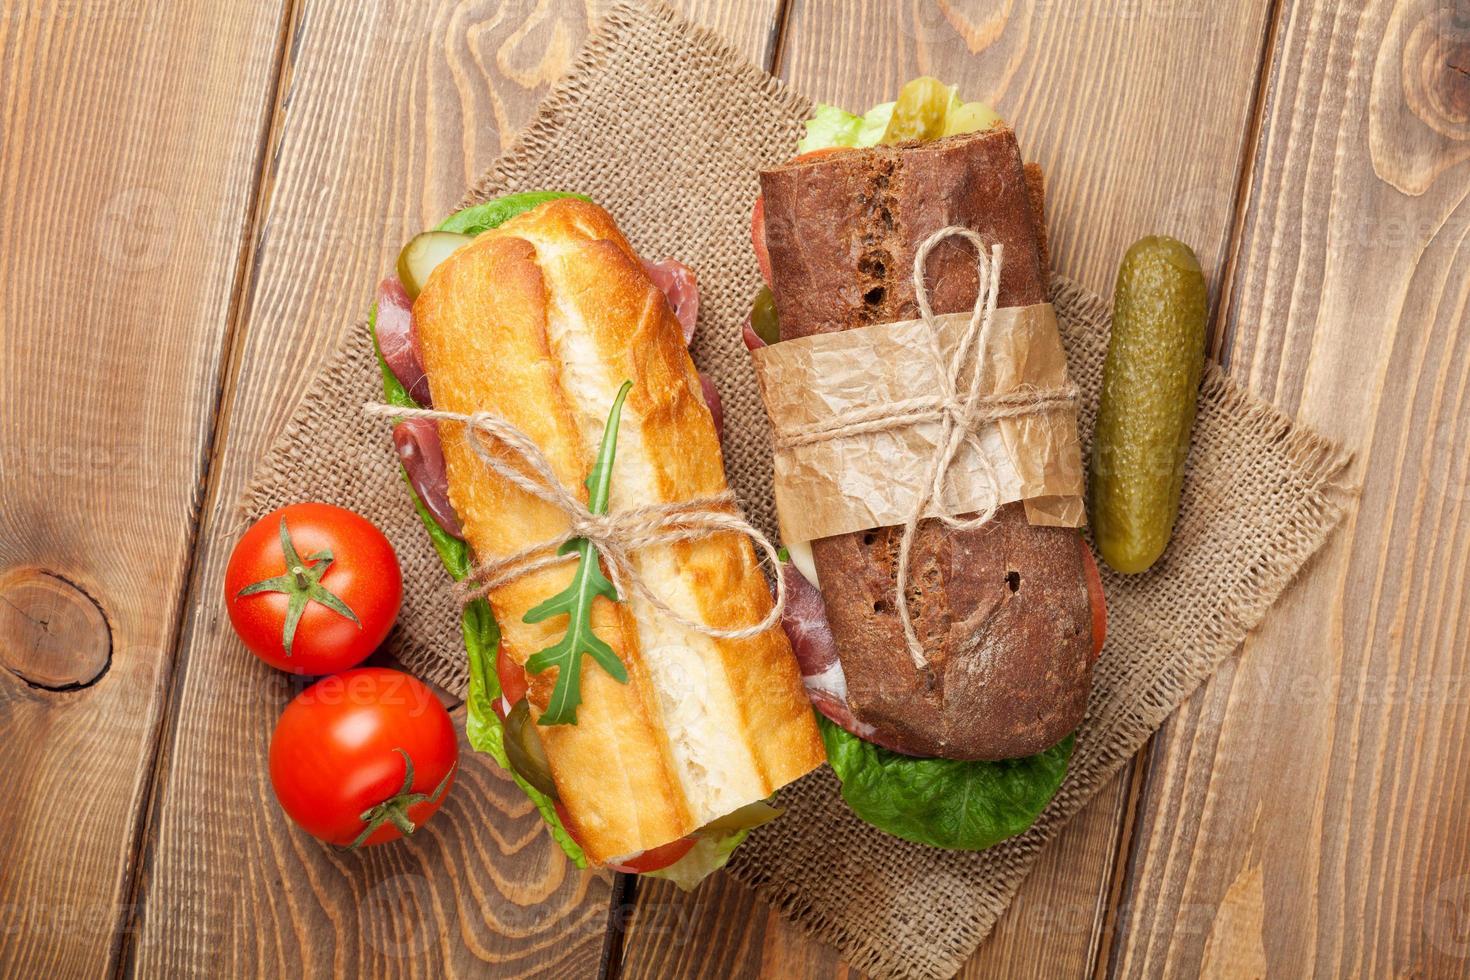 due panini con insalata, prosciutto e formaggio foto